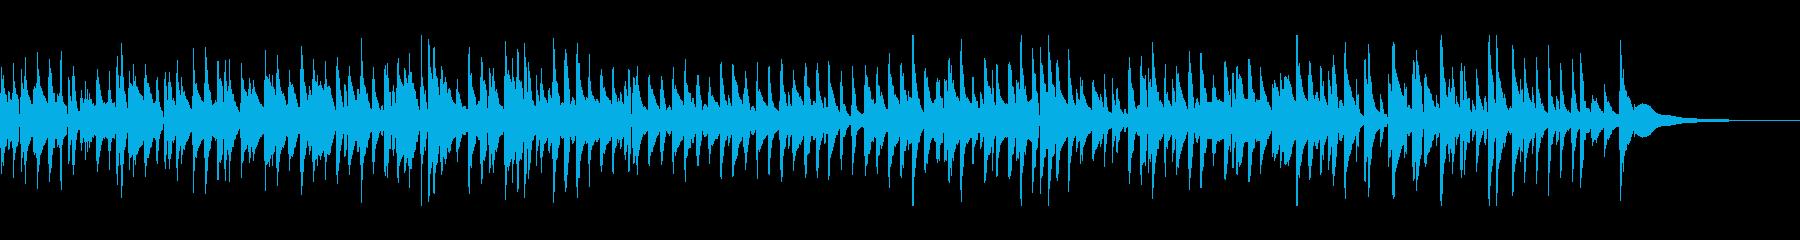 ムーディーなジャズバラードの再生済みの波形